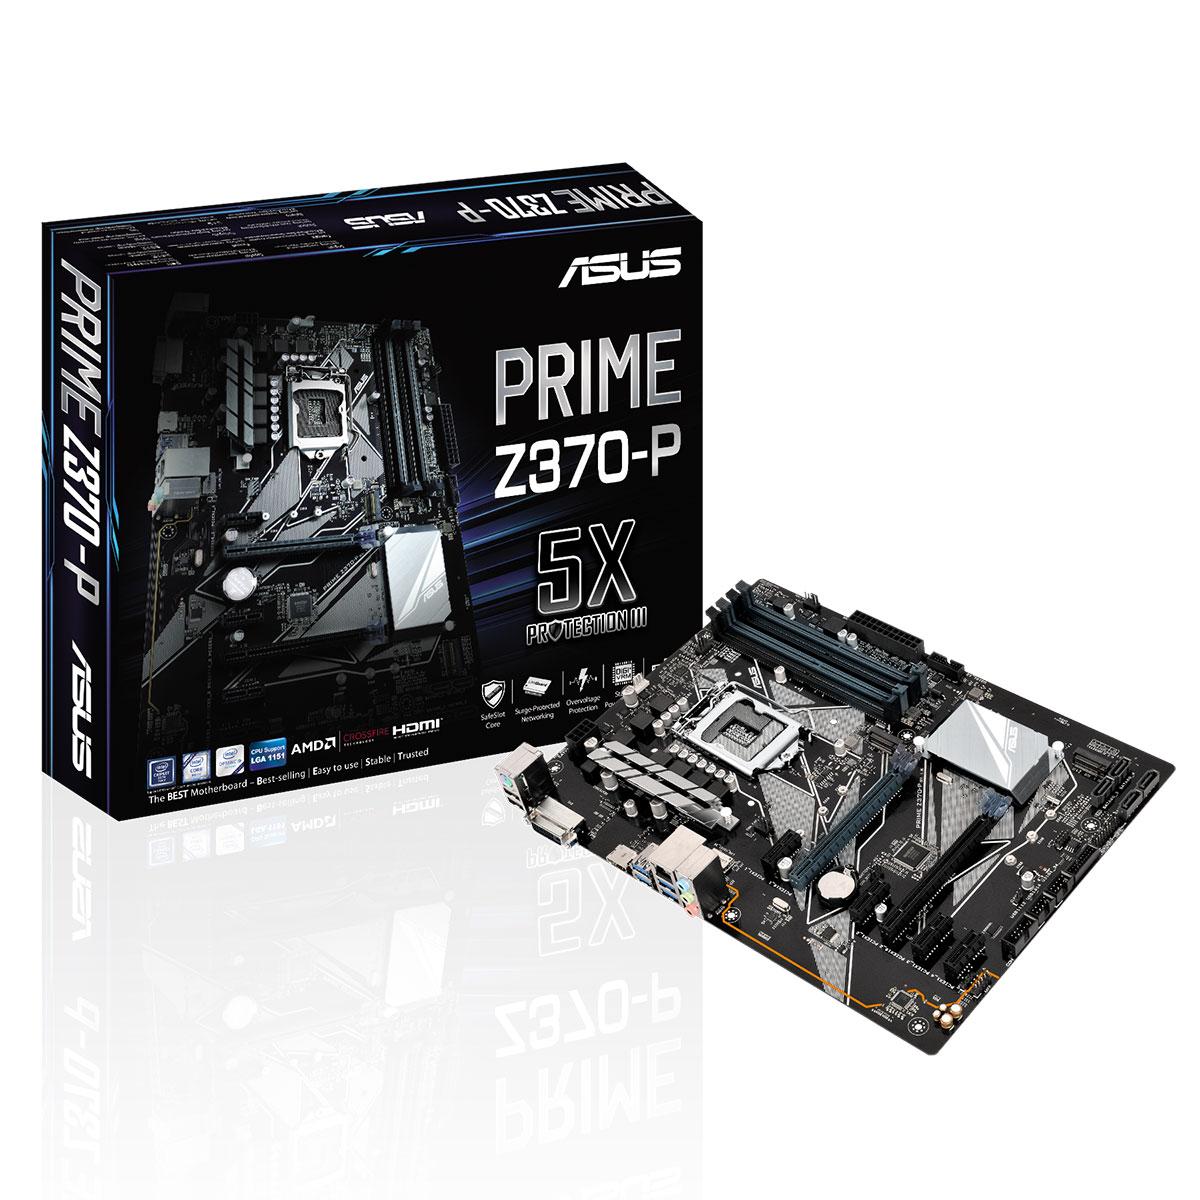 Carte mère ASUS PRIME Z370-P Carte mère ATX Socket 1151 Intel Z370 Express - 4x DDR4 - SATA 6Gb/s + M.2 - USB 3.0 - 2x PCI-Express 3.0 16x